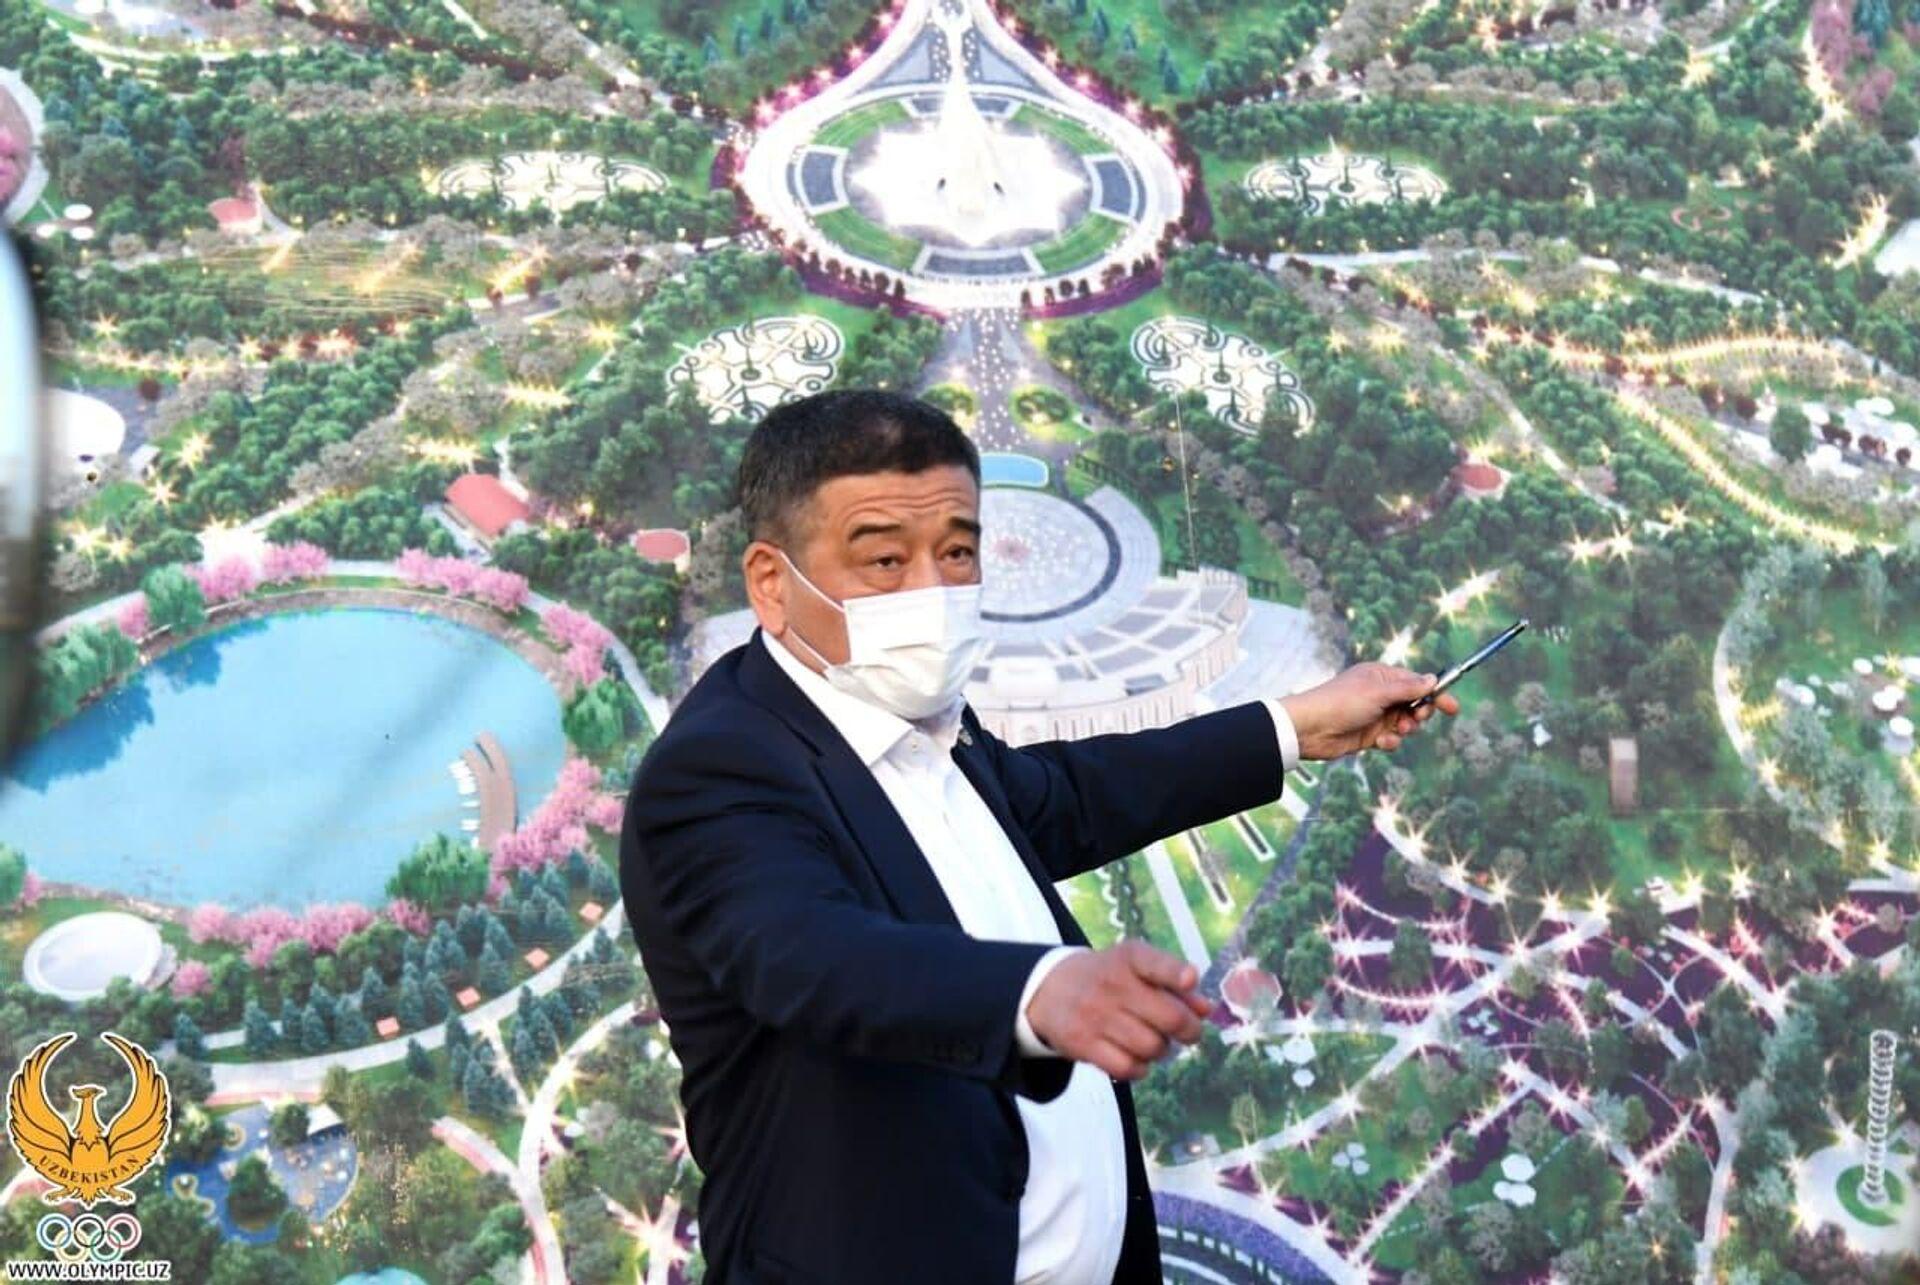 Президент Олимпийского комитета России прибыл в Ташкент - Sputnik Узбекистан, 1920, 30.09.2021